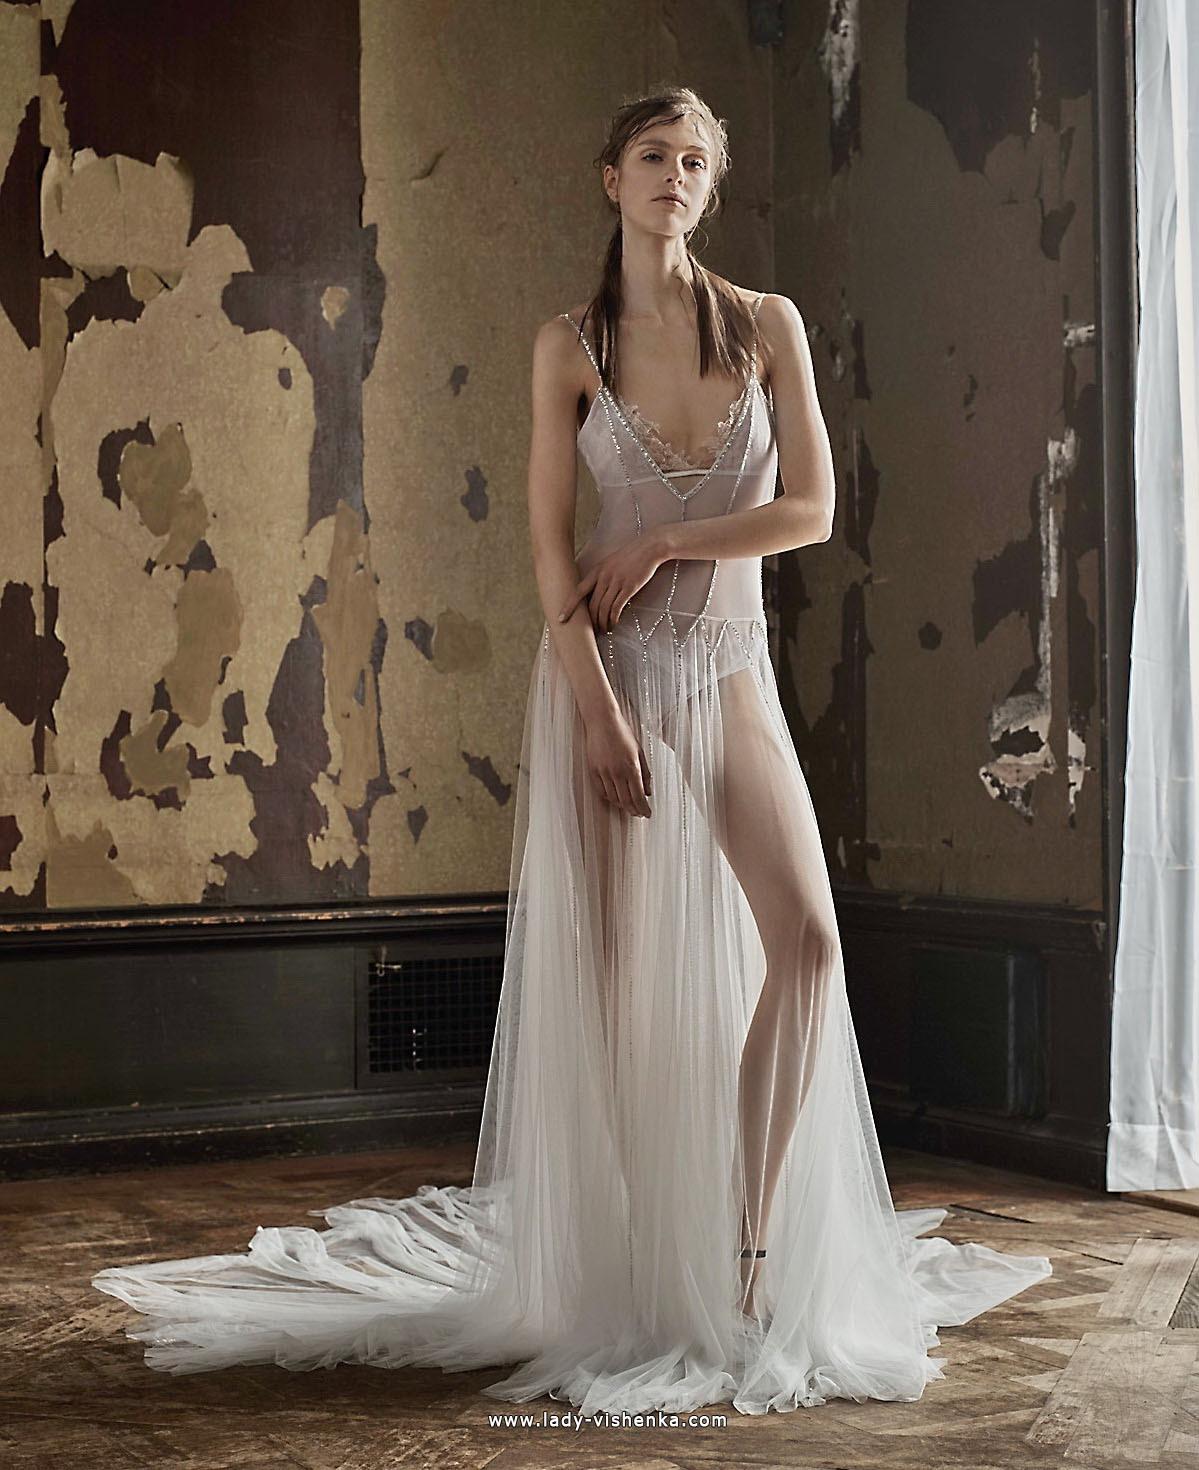 Transparentes Brautkleid | Ein Blog Über Mode Und Schönheit